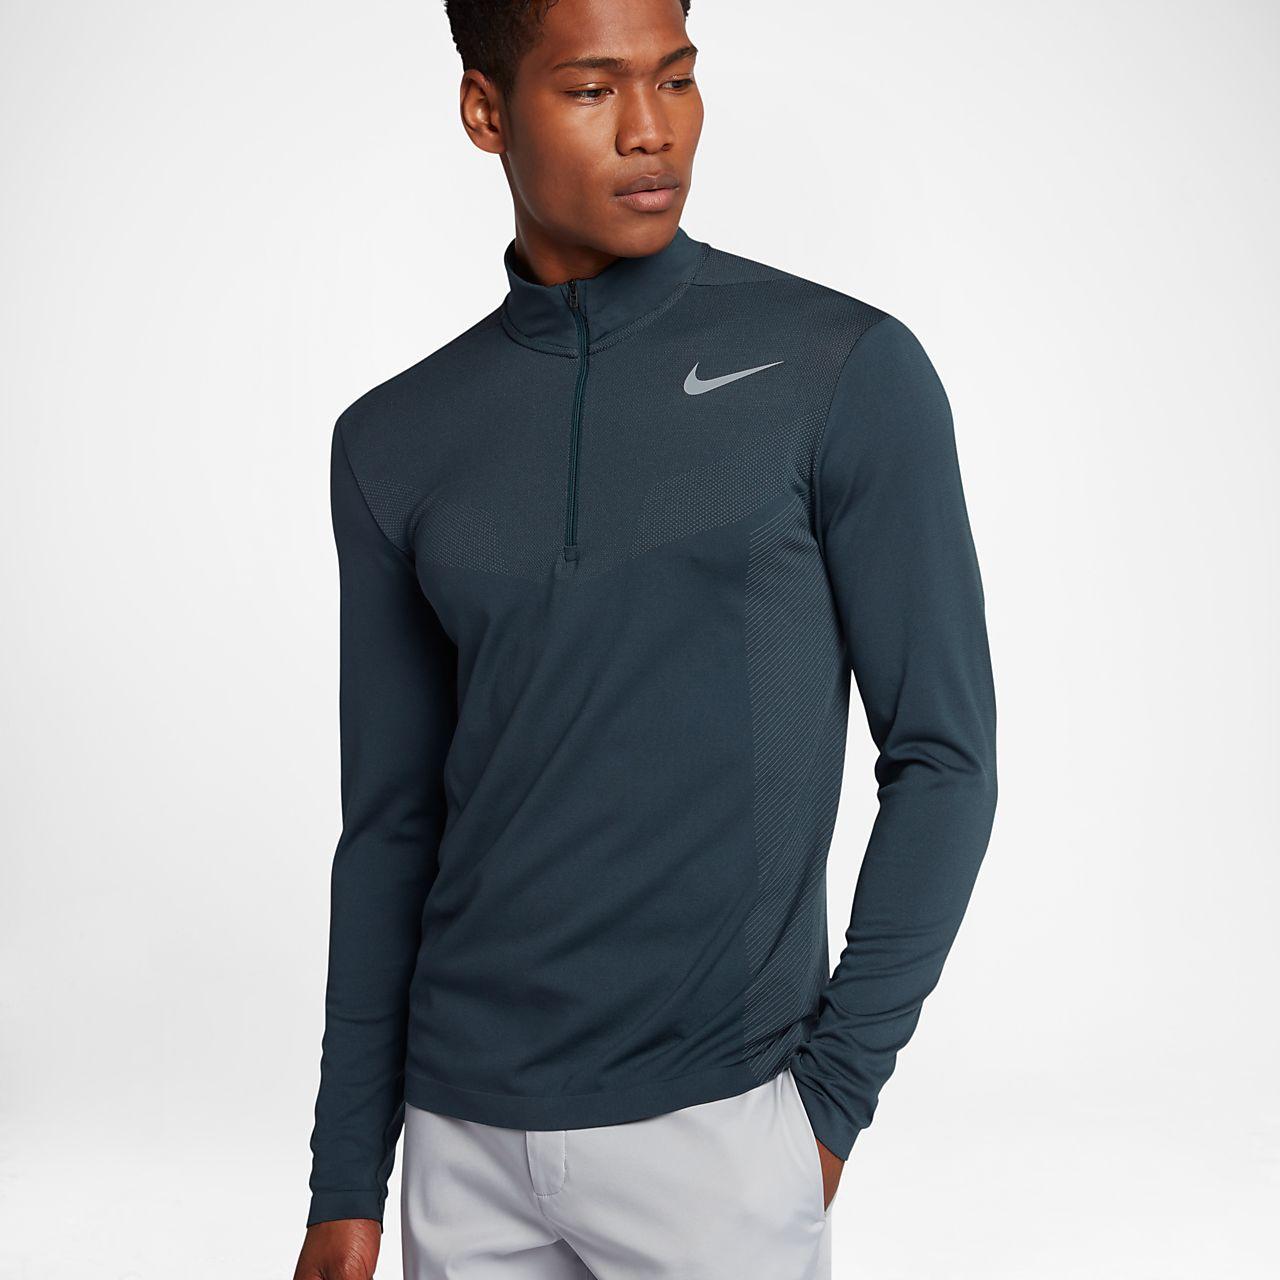 Nike Store Men's Golf Top